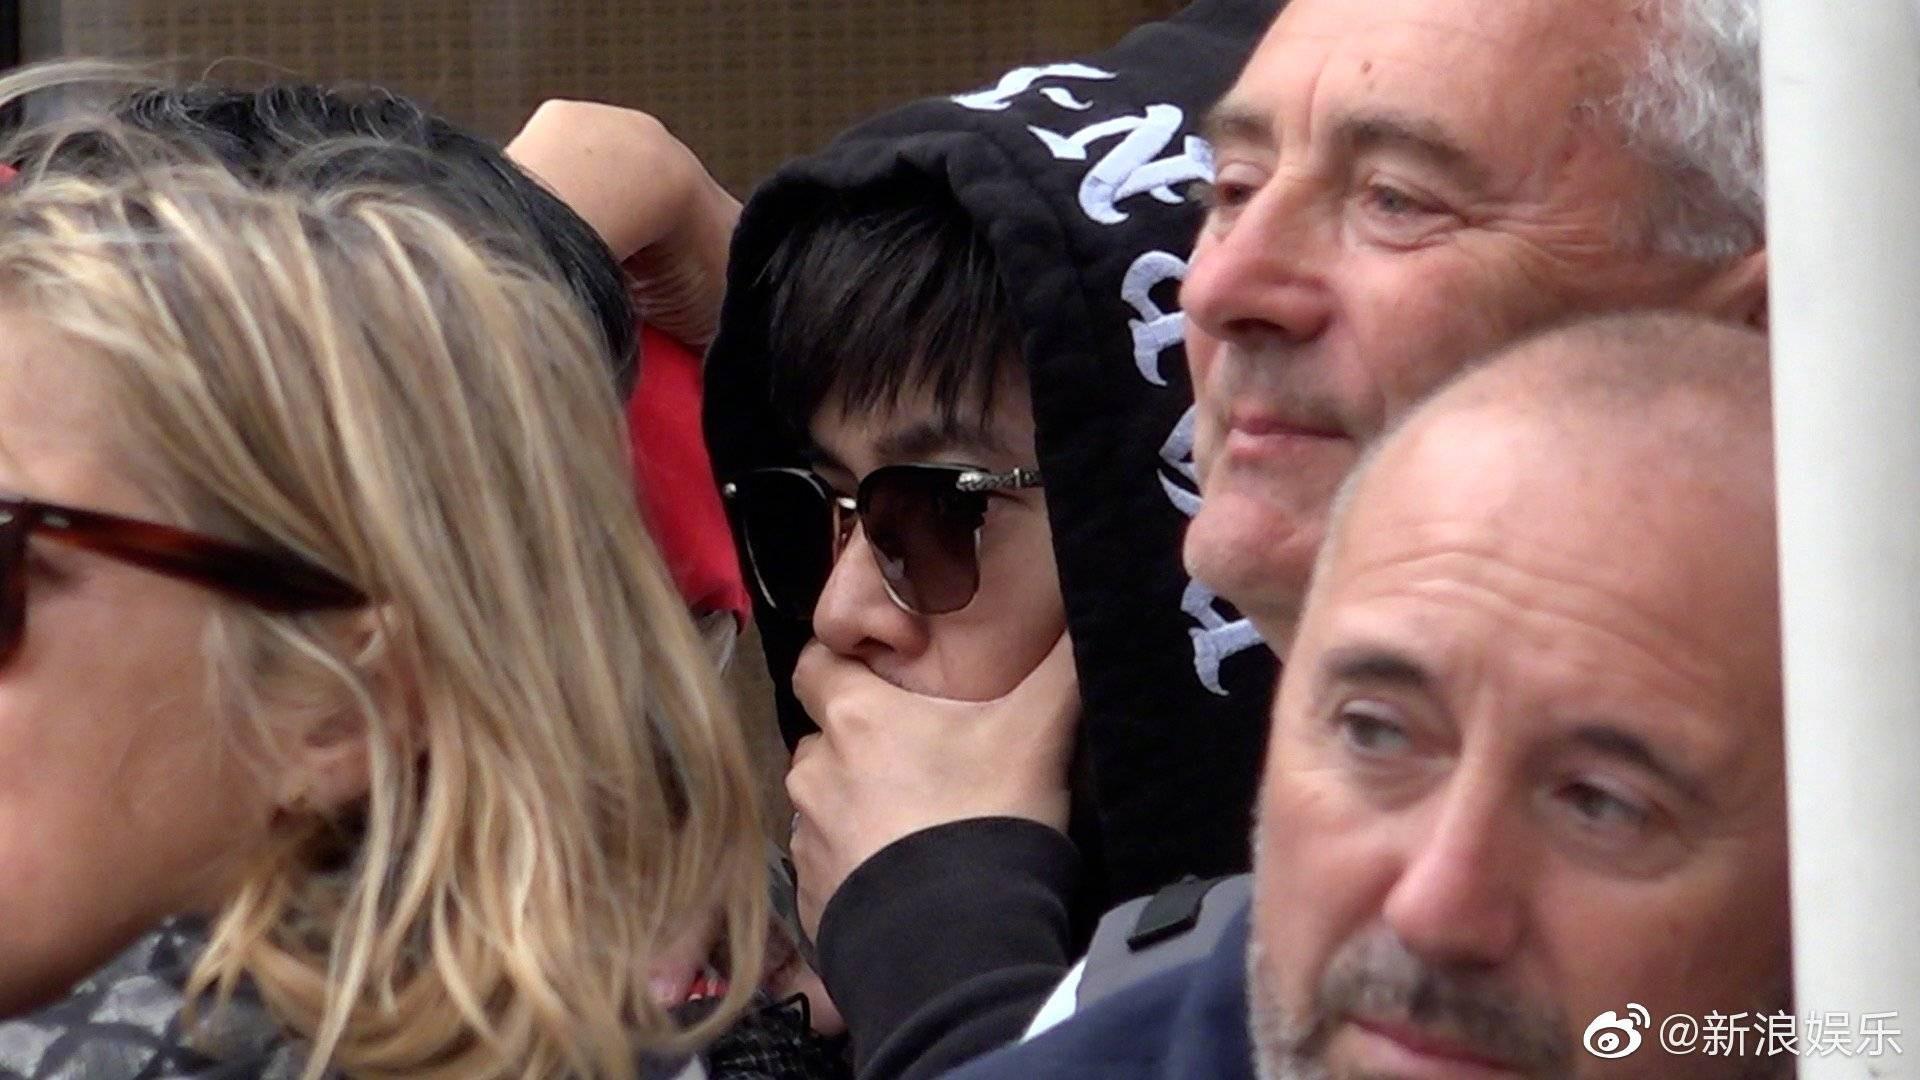 Cuồng vợ kiểu Châu Kiệt Luân: Tháp tùng bà xã bằng trực thăng riêng nhưng cải trang thành fan ngắm vợ tại Cannes - Ảnh 3.